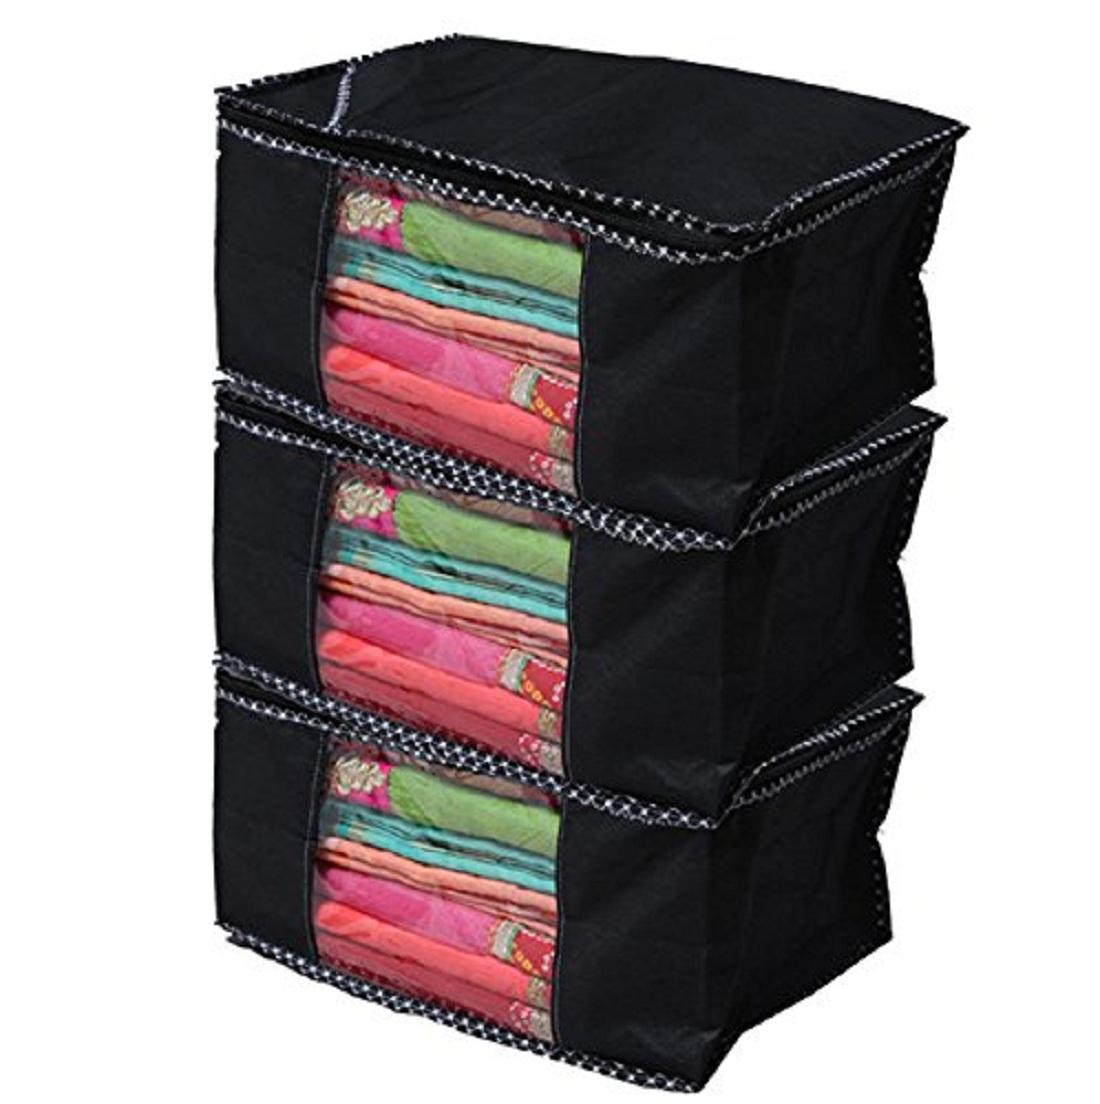 saavi creation designer saree cover/saree bag set of 3 pcs combo SCBLACK03  Black